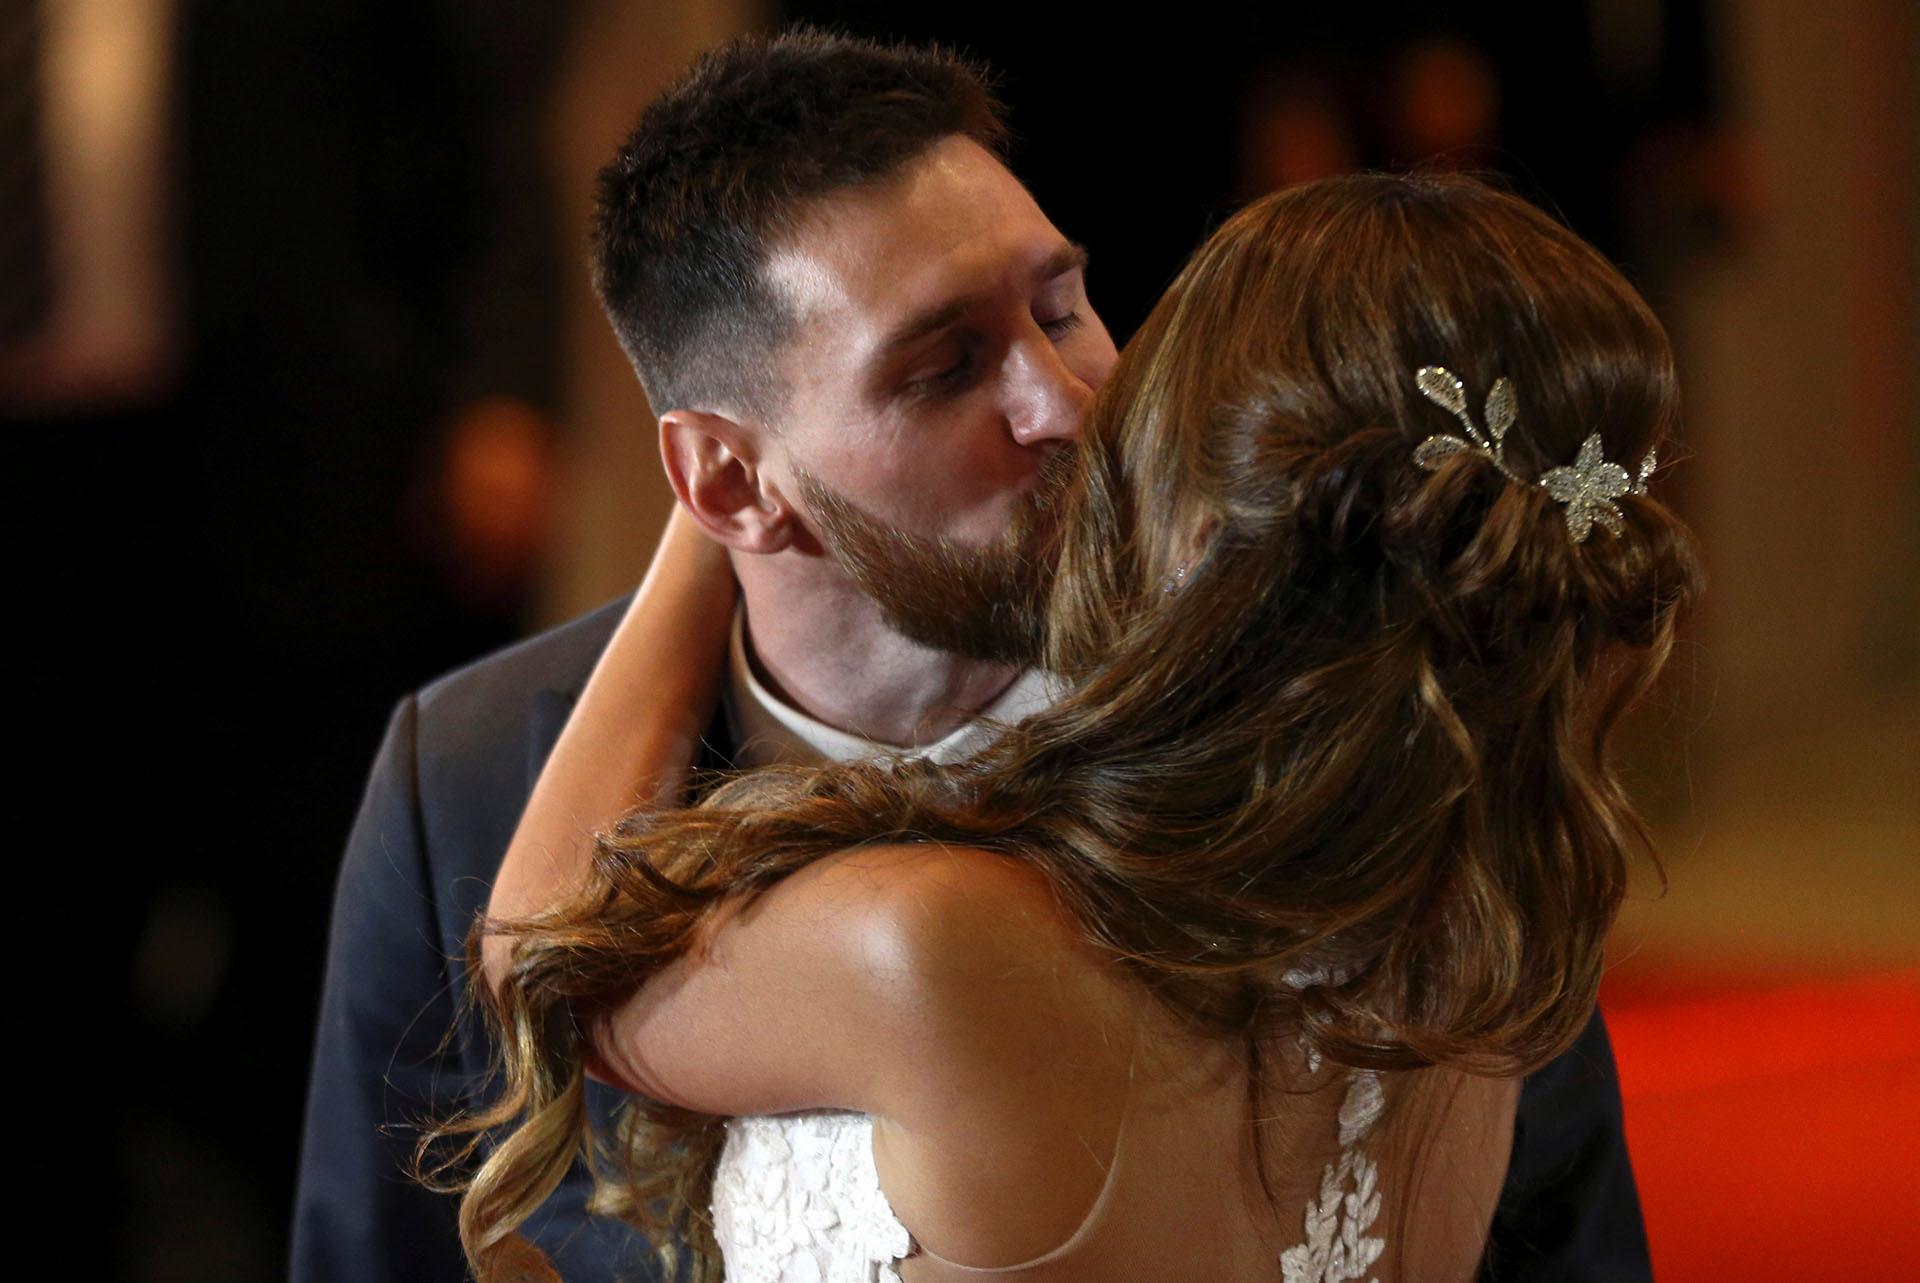 """""""Pero llegas tú con tu inmensa luz/Y te declaras dueña de mis sueños"""", reza la canción La Llave, de Abel Pintos, que Lionel Messi le dedicó a Antonela Roccuzzo apenas ambos sellaron su amor para toda la vida"""